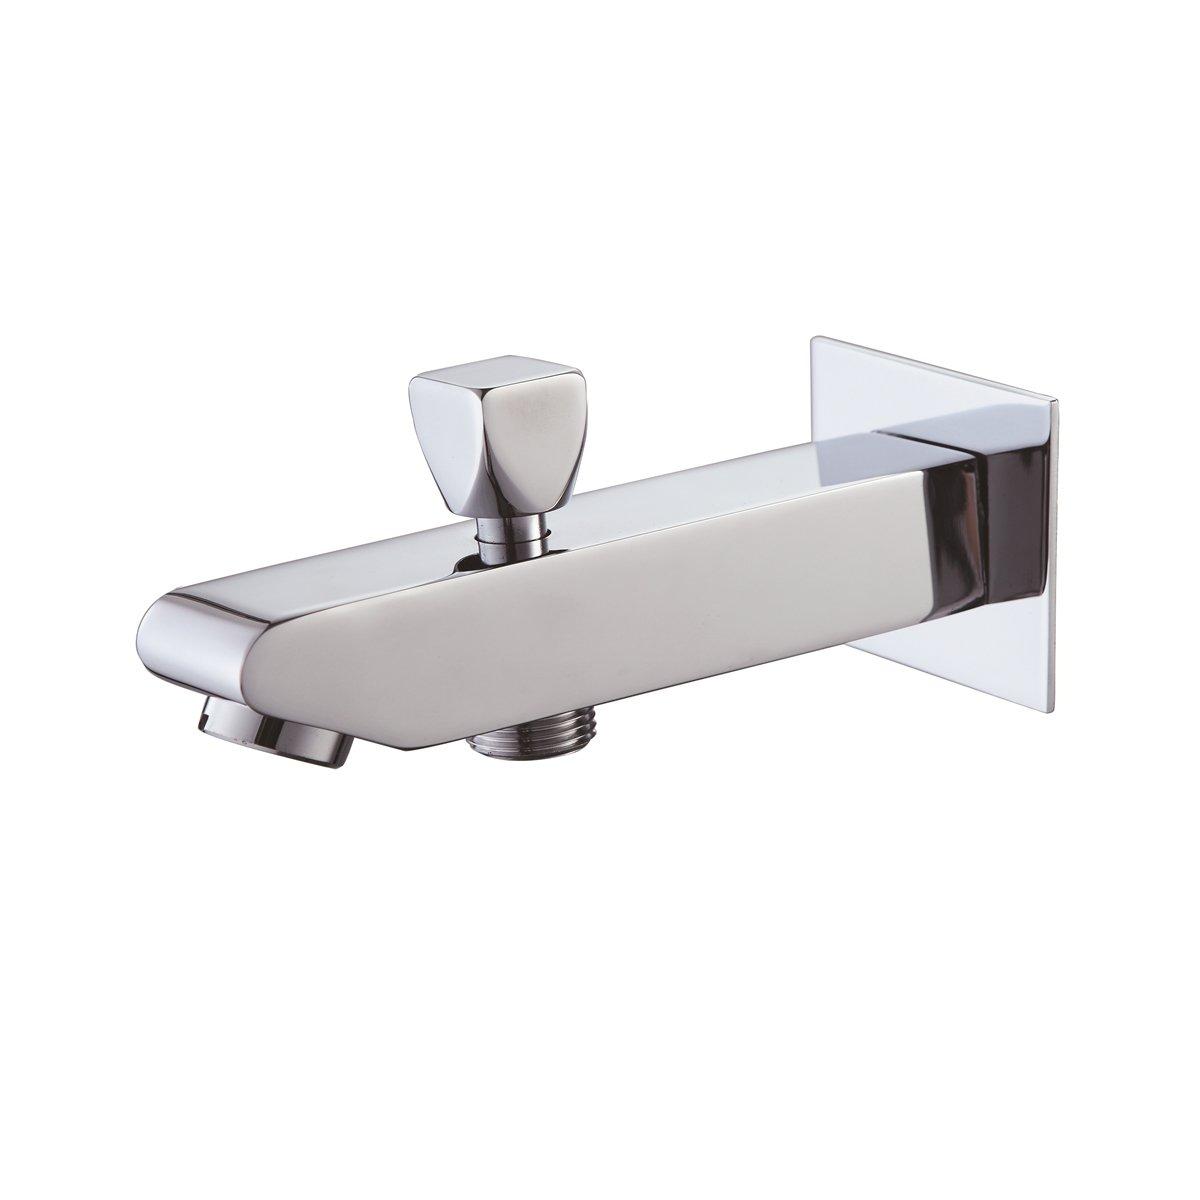 Cheap Shower Spout Diverter, Find Shower Spout Diverter ...